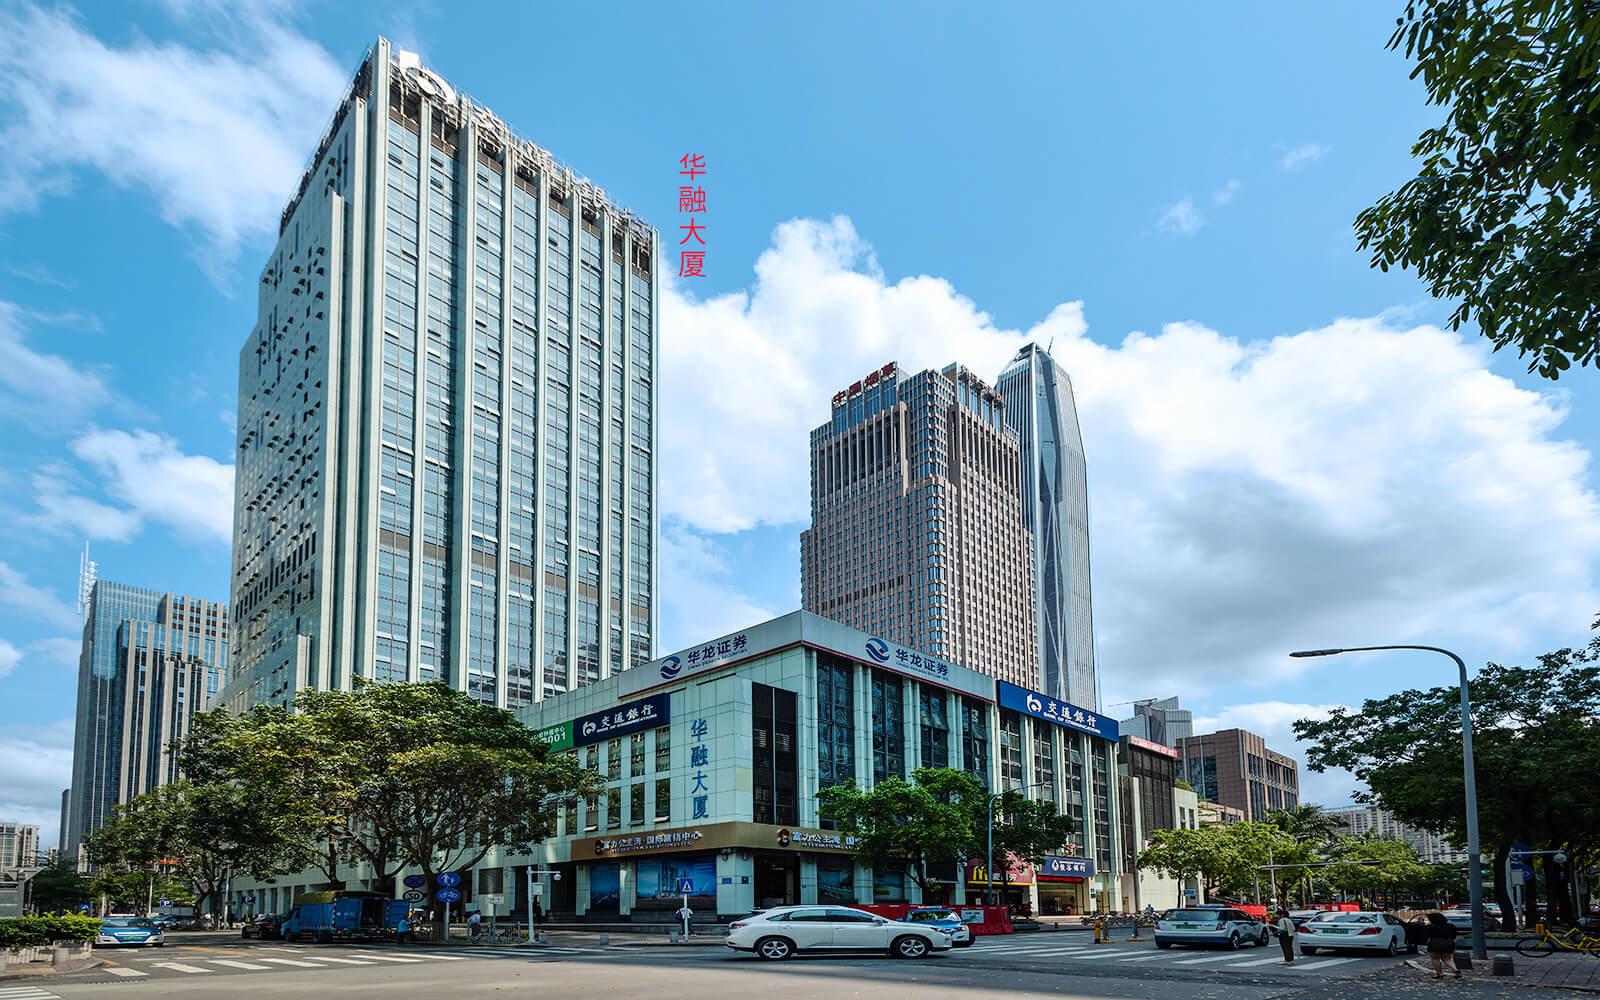 华融大厦 满足中小型企业的办公需求-咚咚租